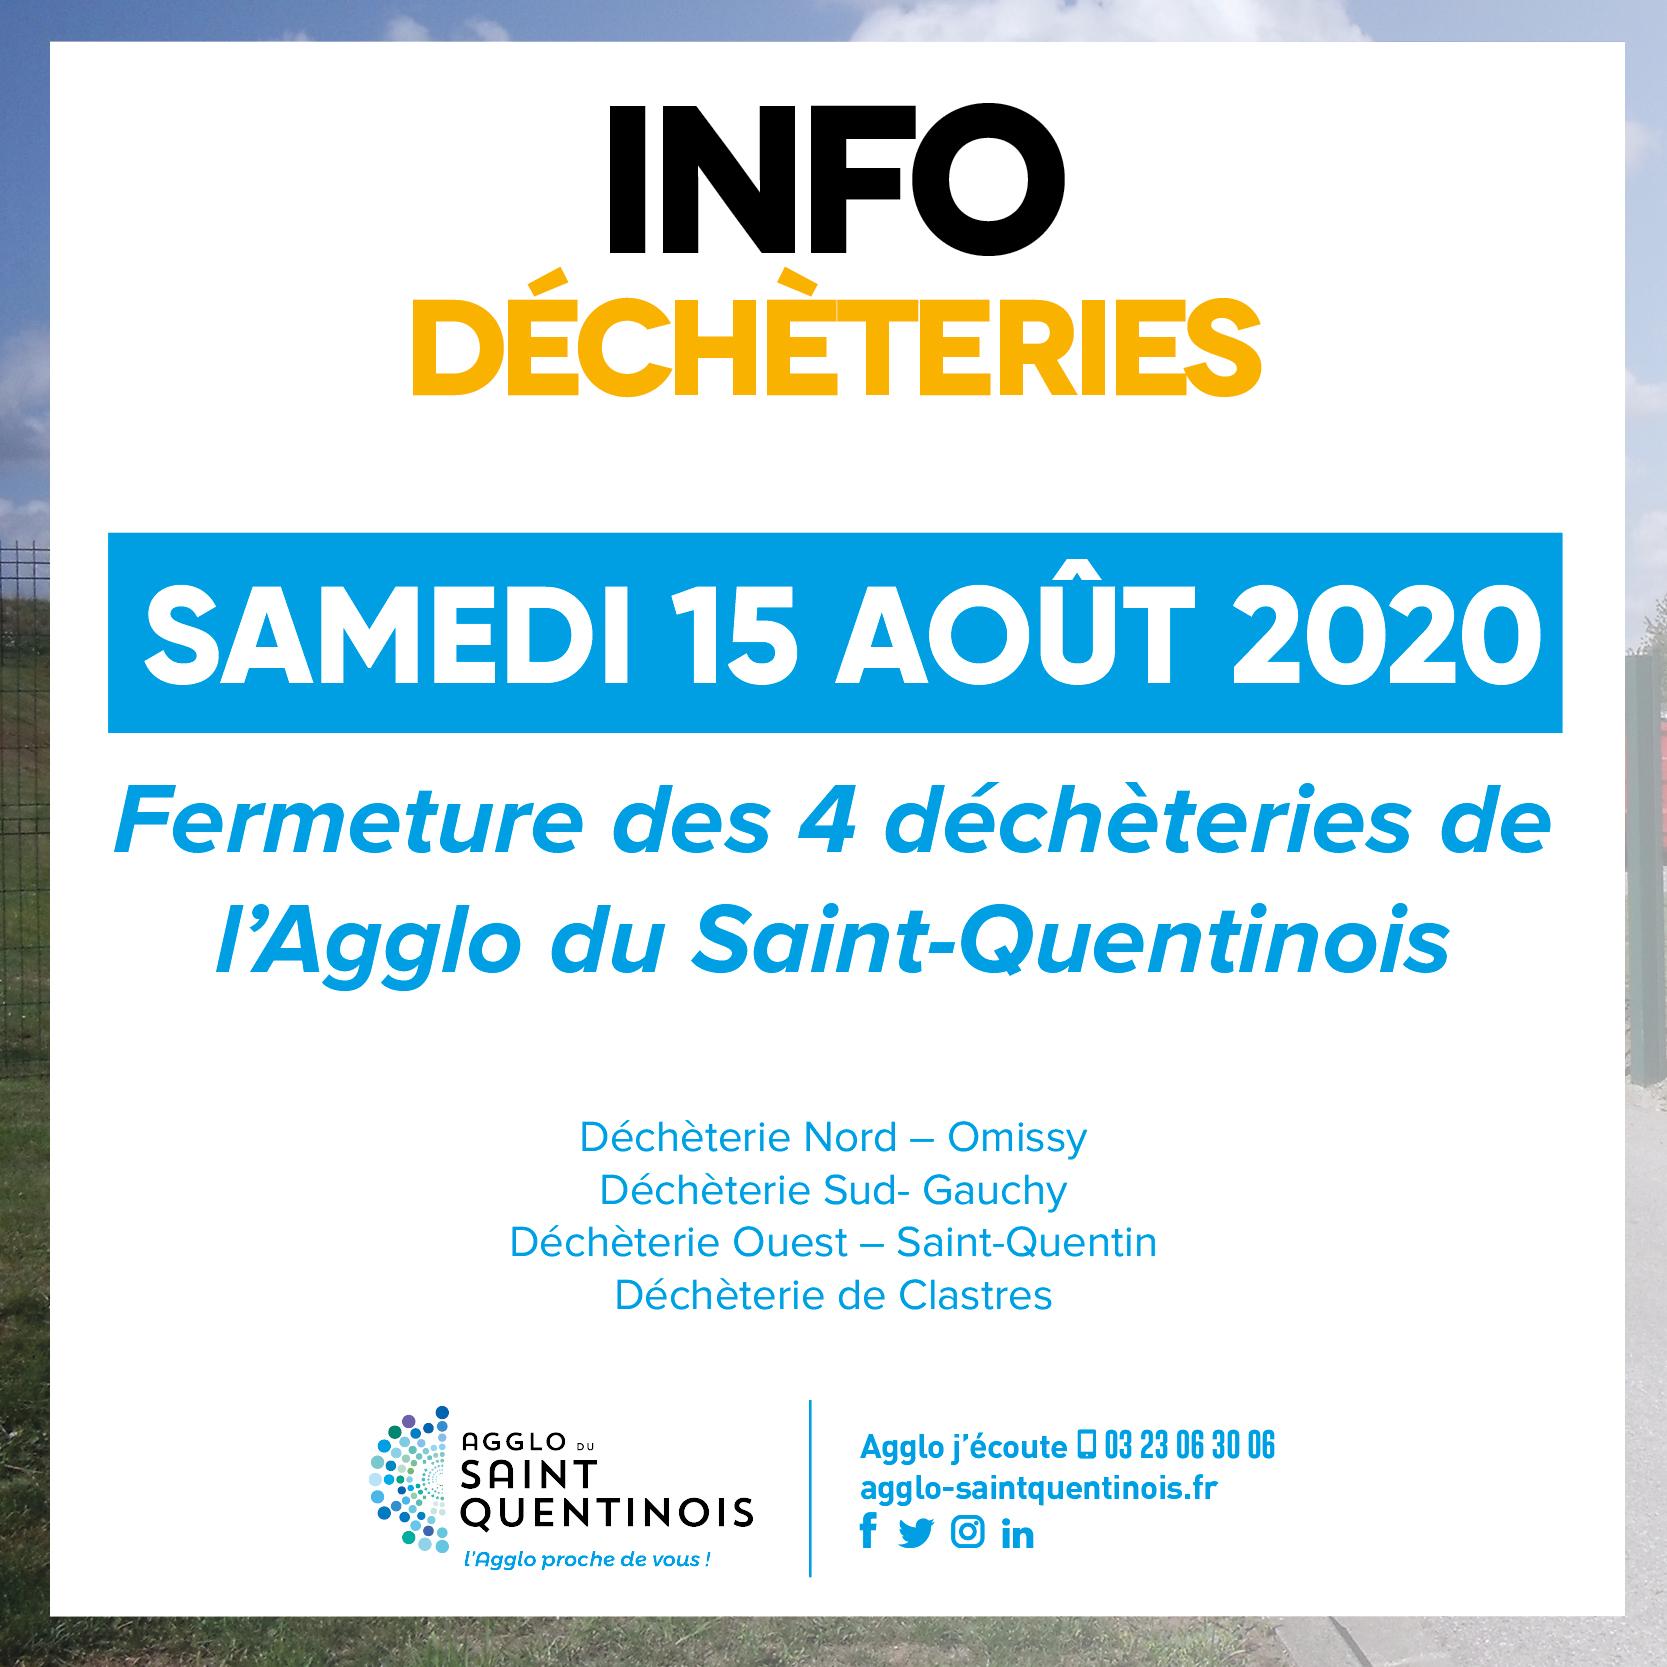 Les déchèteries de l'@AggloStQuentin Agglo seront fermées le samedi 15 août (jour férié)agglo-saintquentinois.fr/actualites-109…